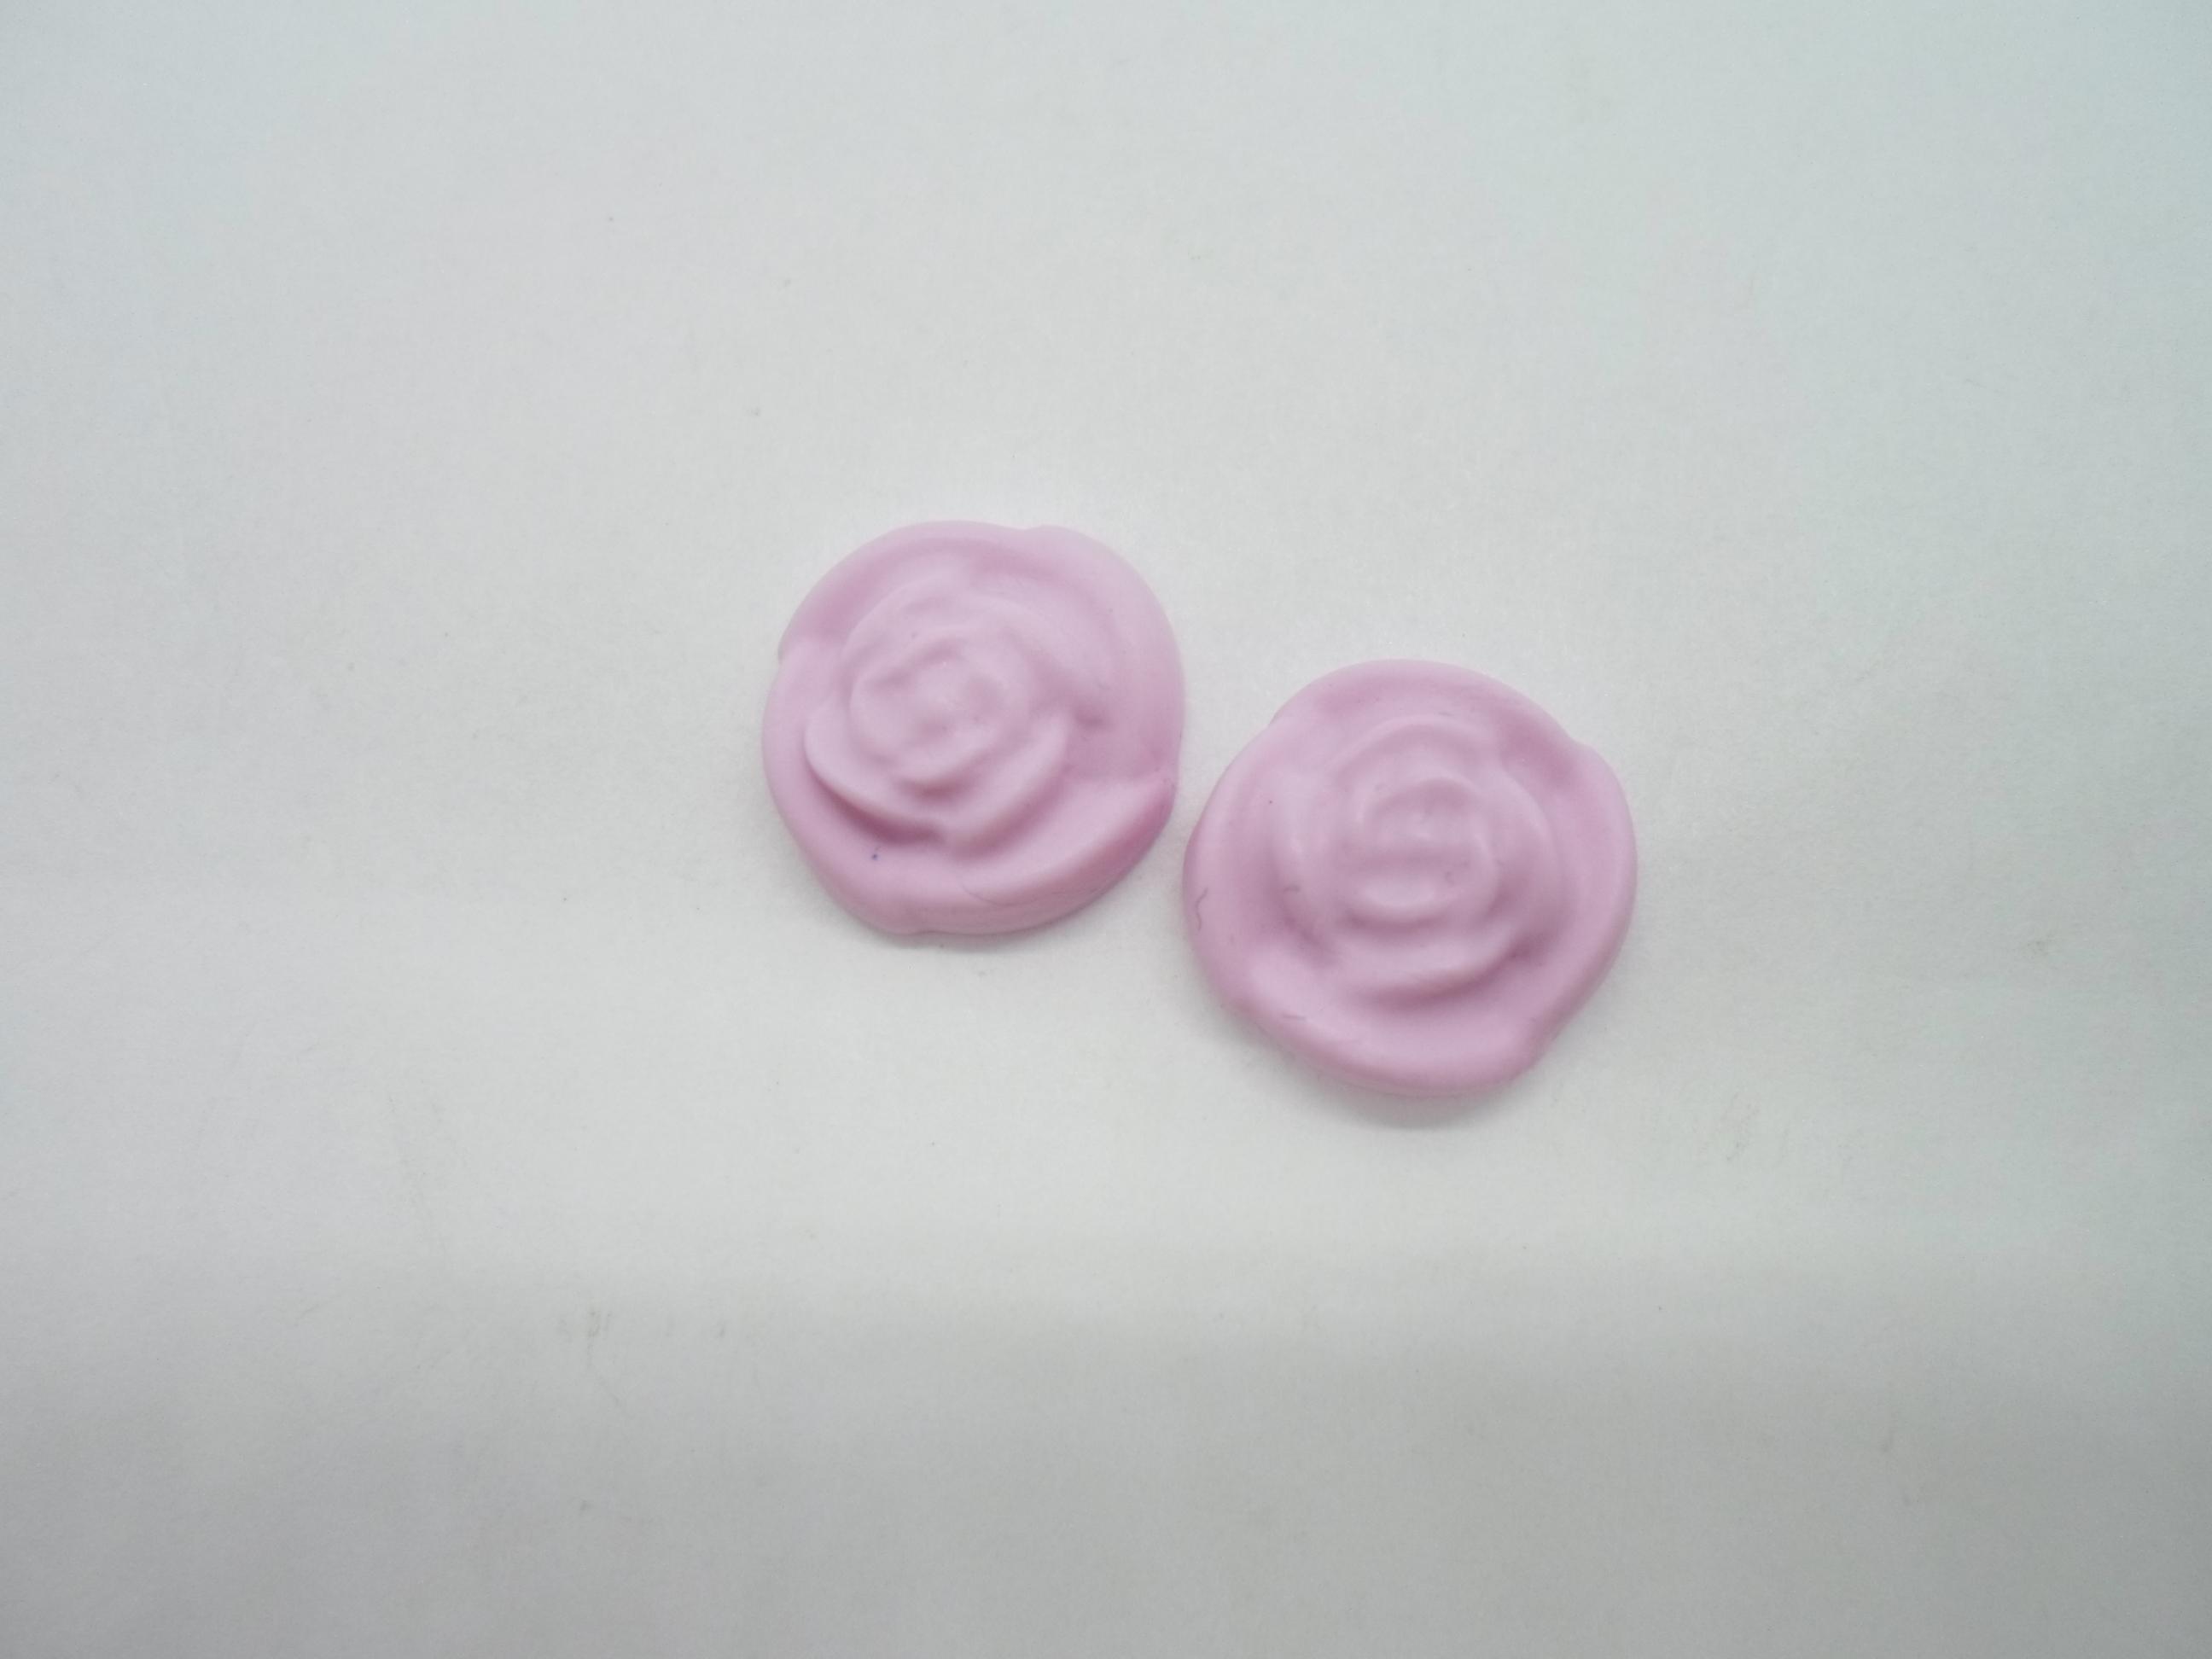 troc de troc 2 petits cabochons rose en fimo en forme de fleur image 0